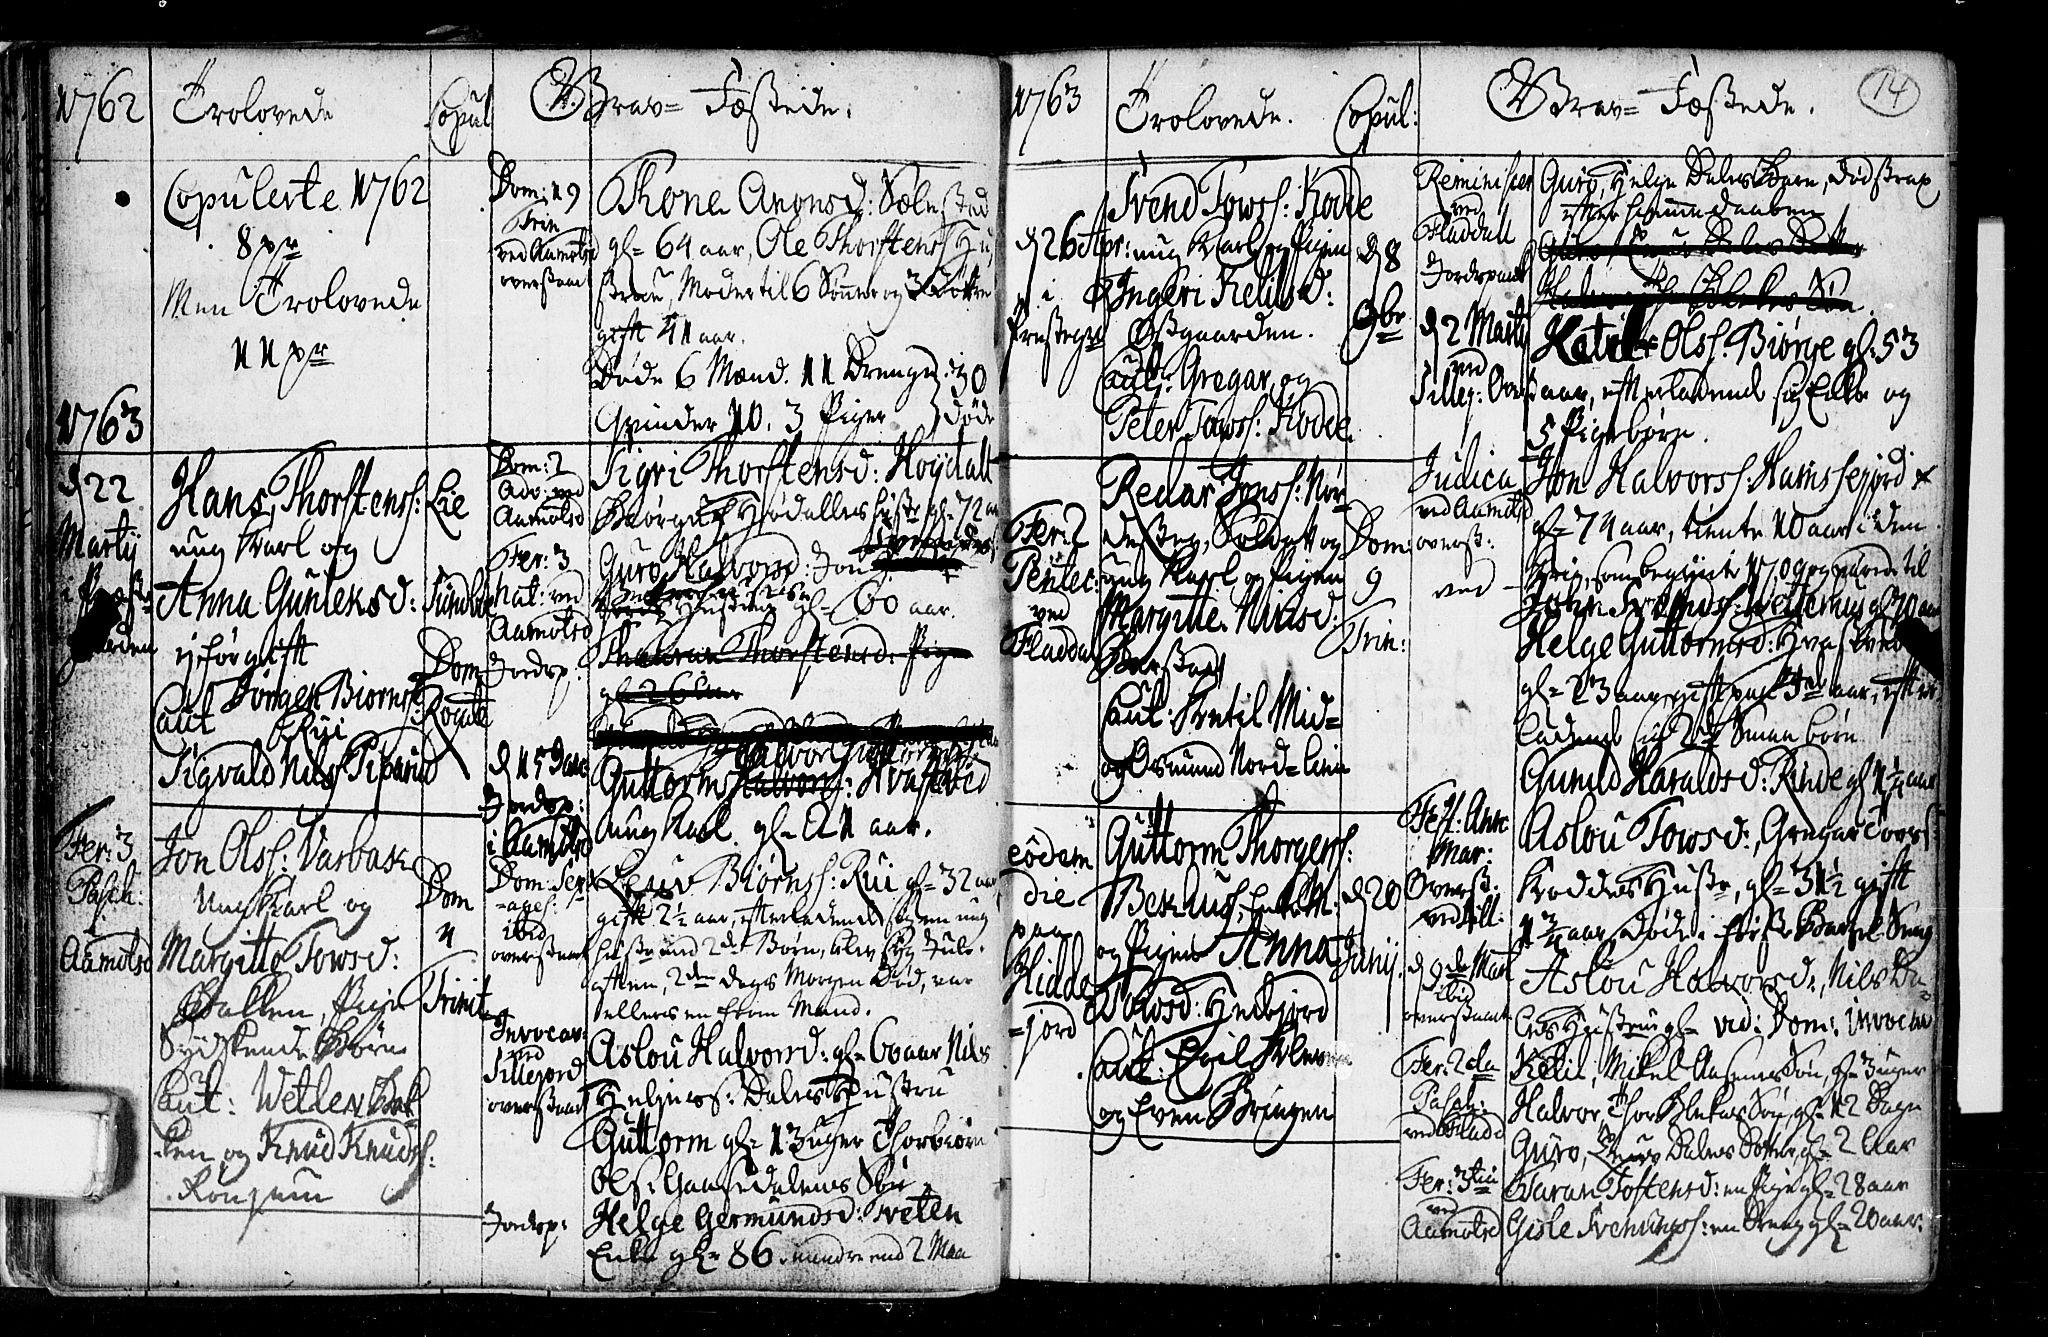 SAKO, Seljord kirkebøker, F/Fa/L0008: Ministerialbok nr. I 8, 1755-1814, s. 14